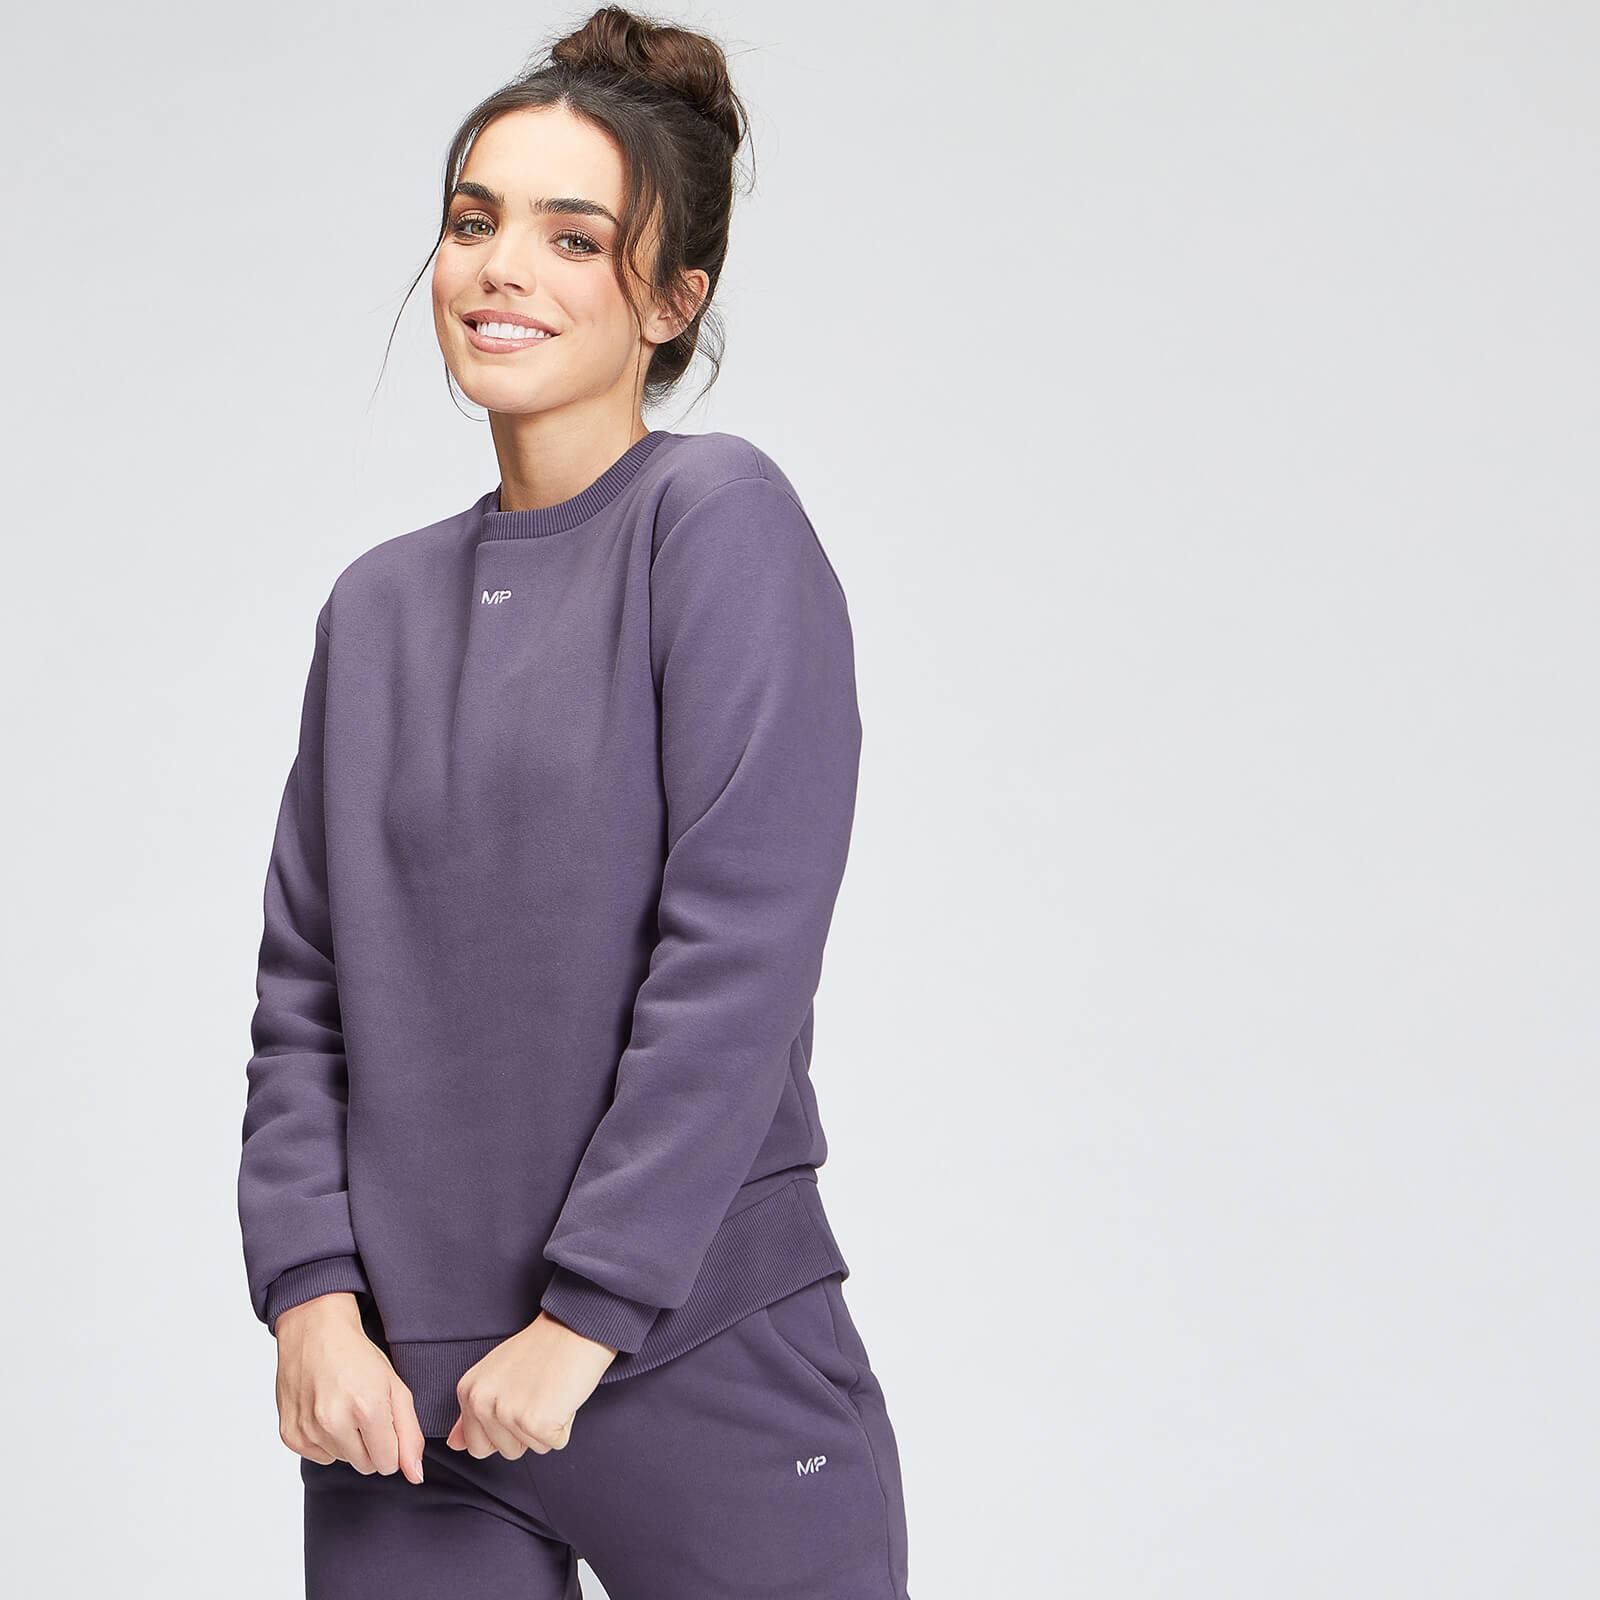 Купить MP Essentials Women's Sweatshirt - Smokey Purple - XL, Myprotein International